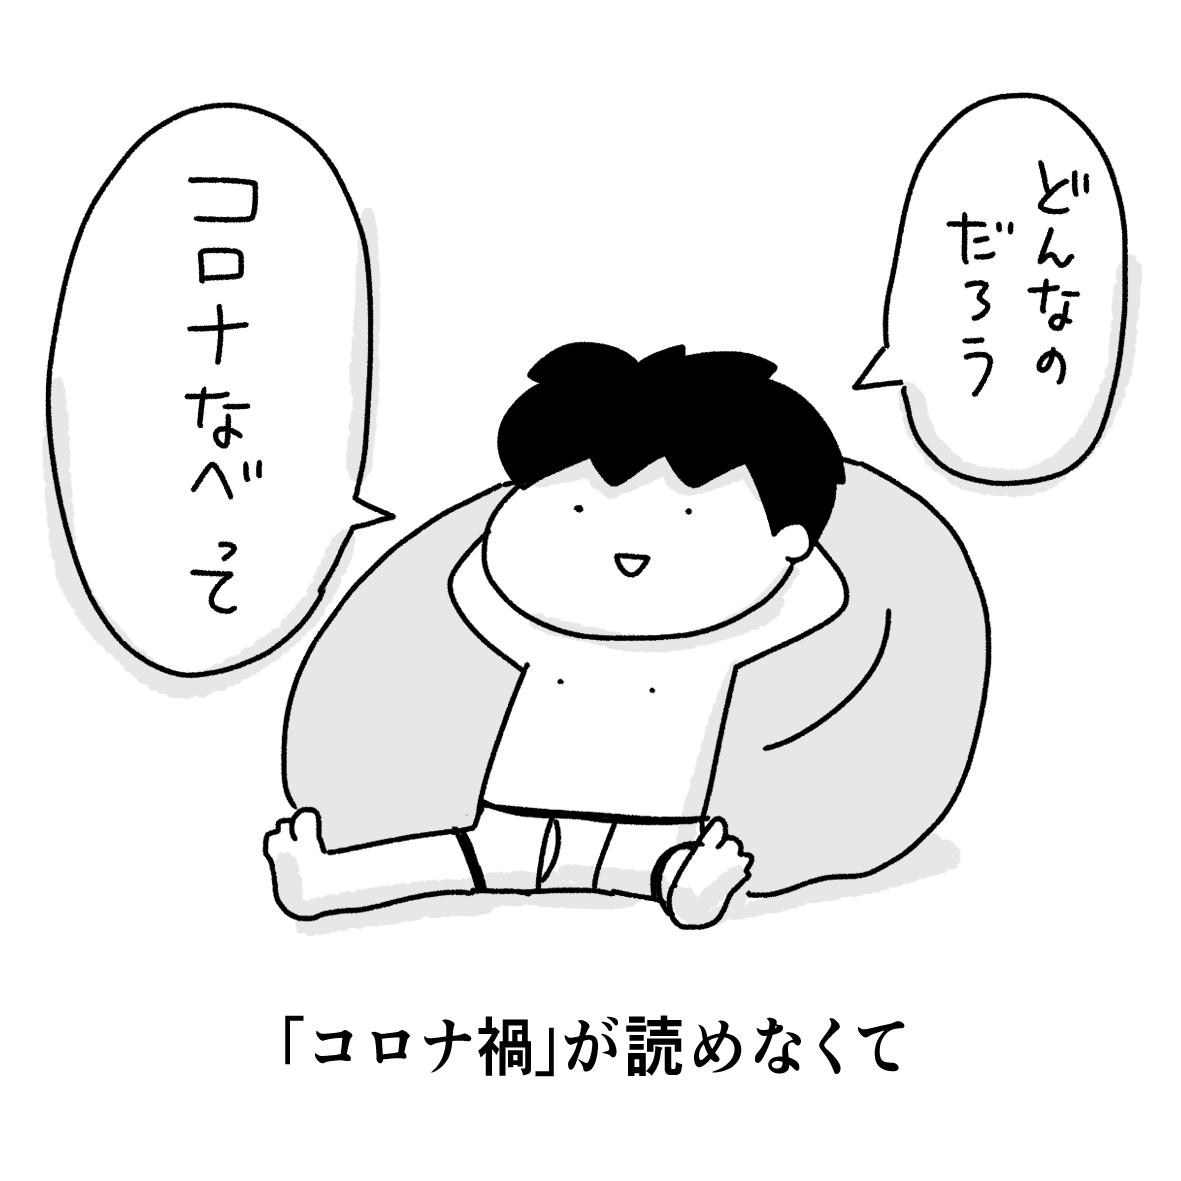 f:id:chokko_san:20200820164812p:plain